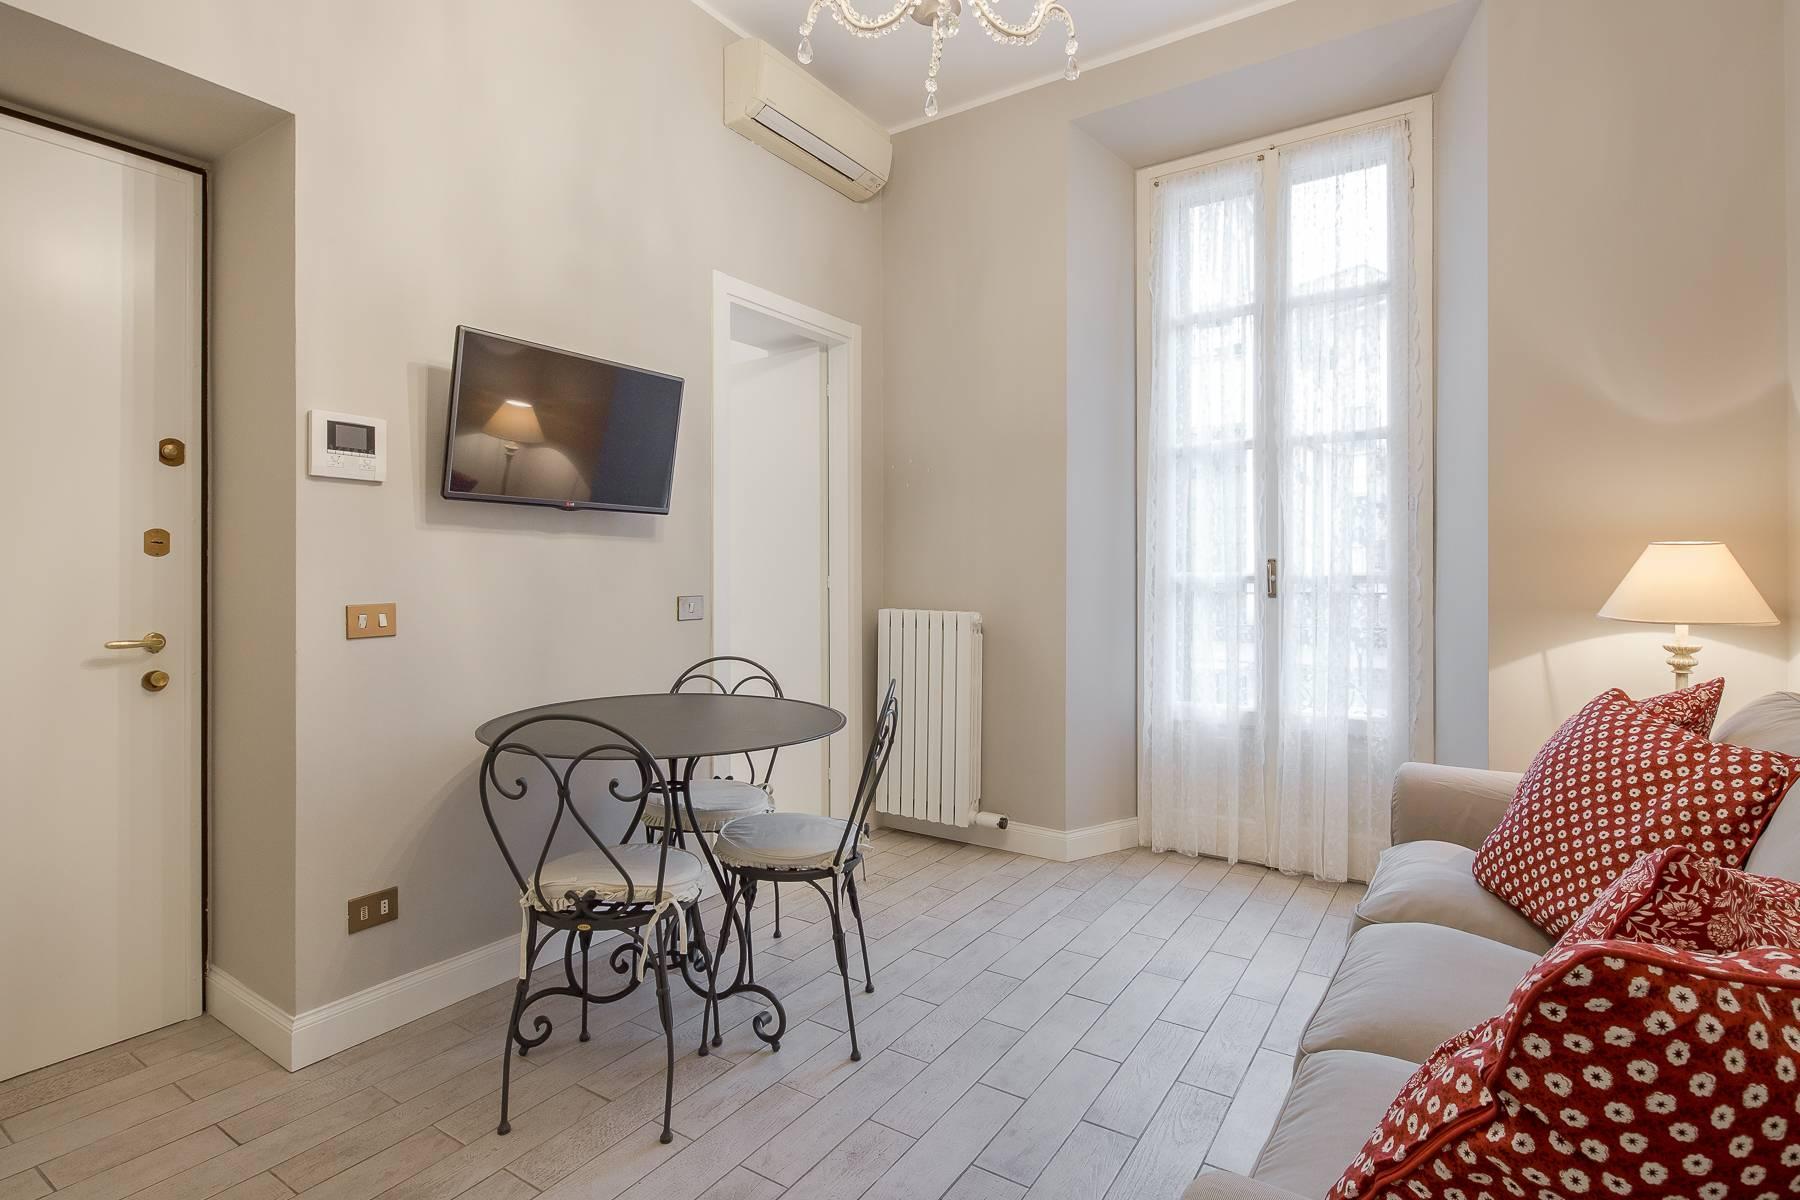 Bilocale di charme arredato in affitto in Brera - 4